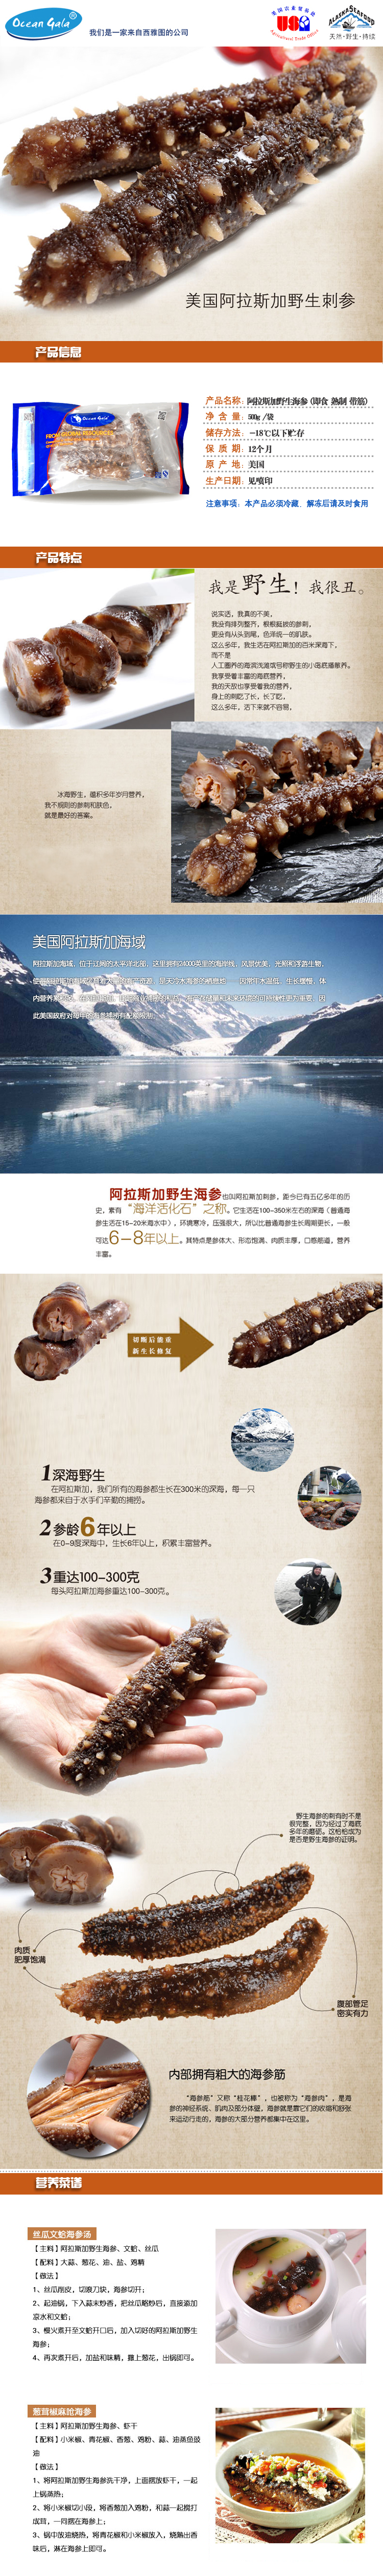 海鲜盛宴 (ocean gala)阿拉斯加野生海参(即食4-5头)500g家庭装